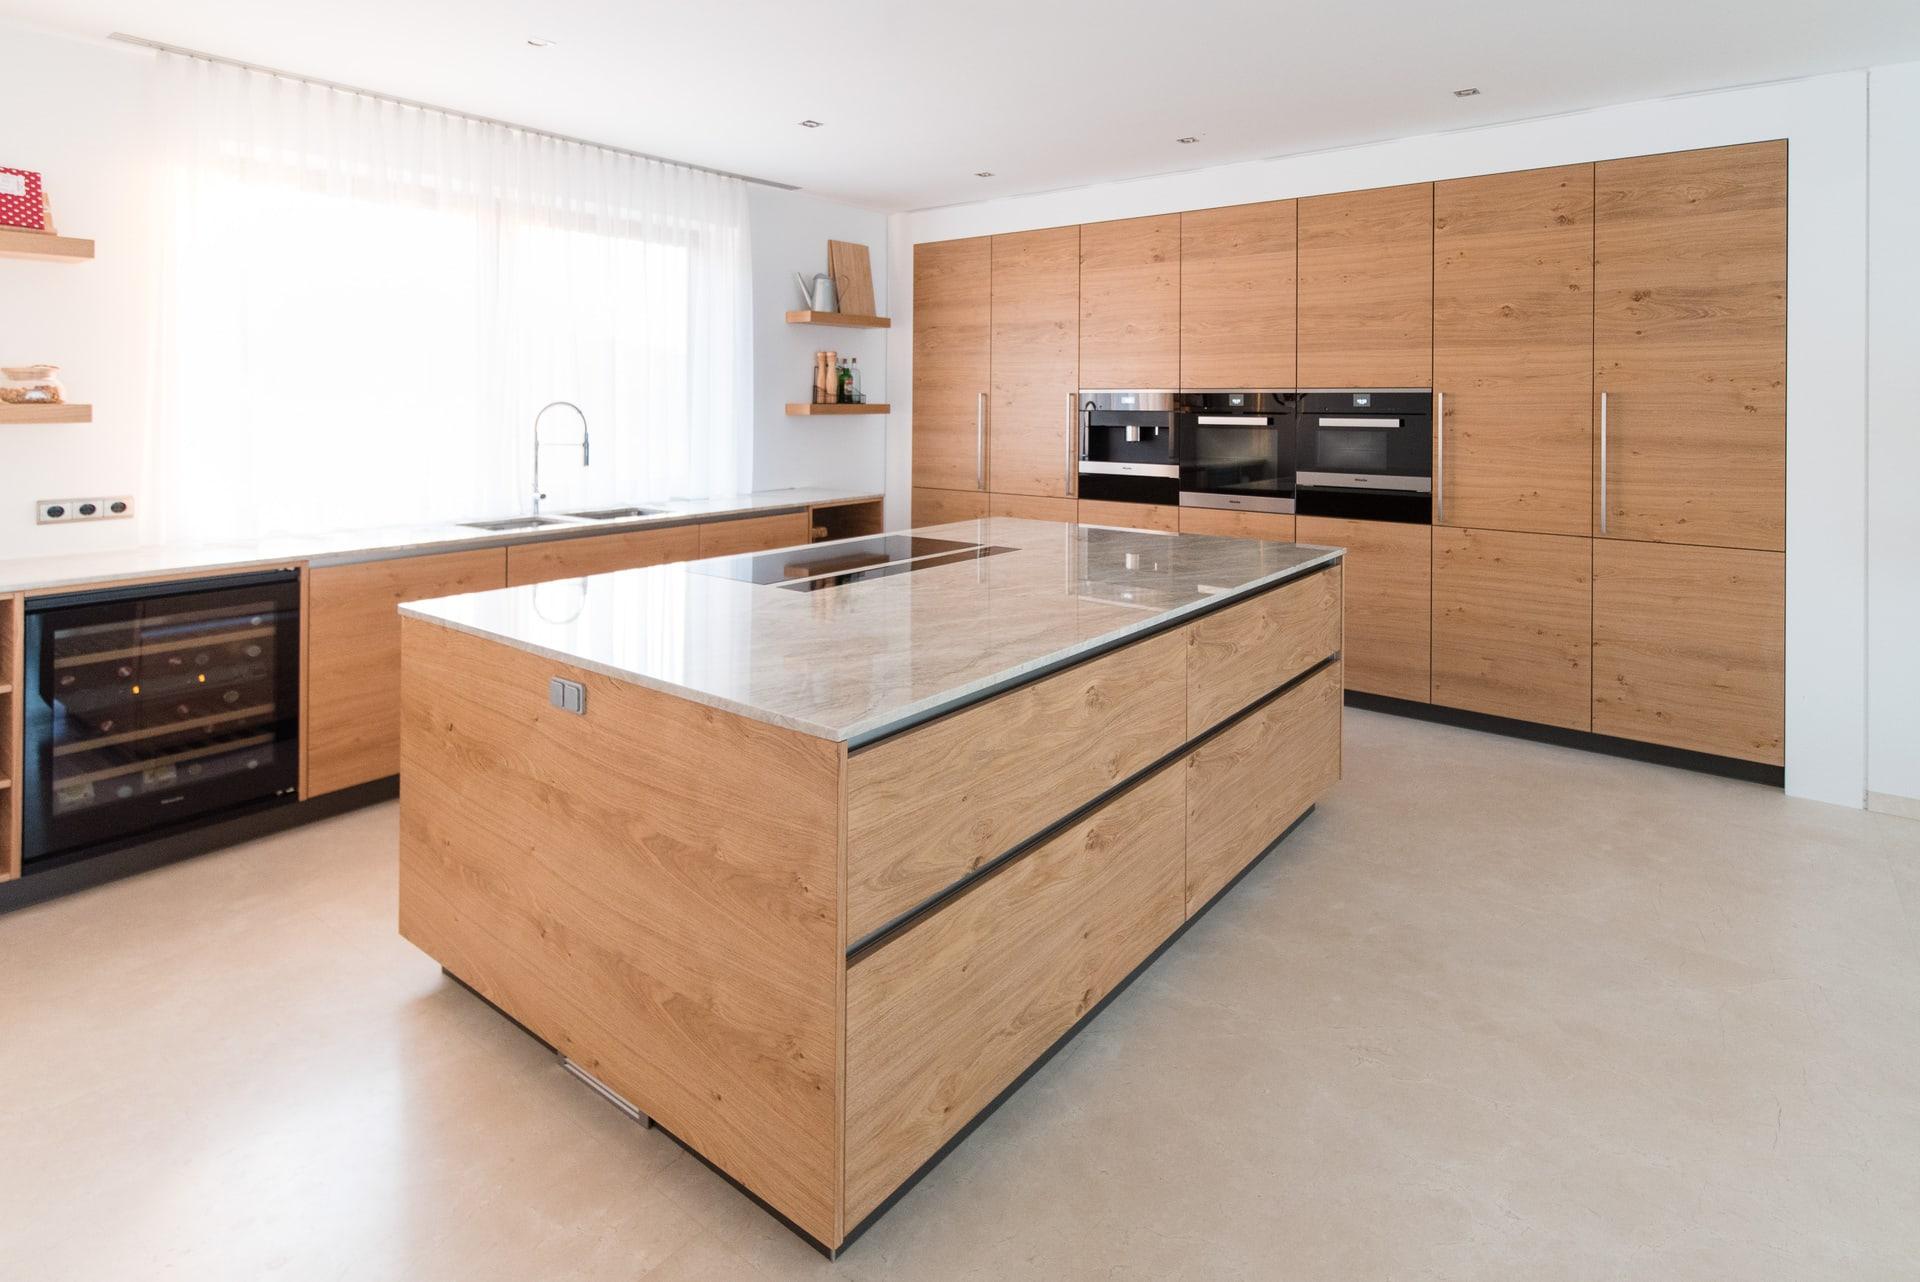 Küchenarbeitsplatte Granit-Ewe